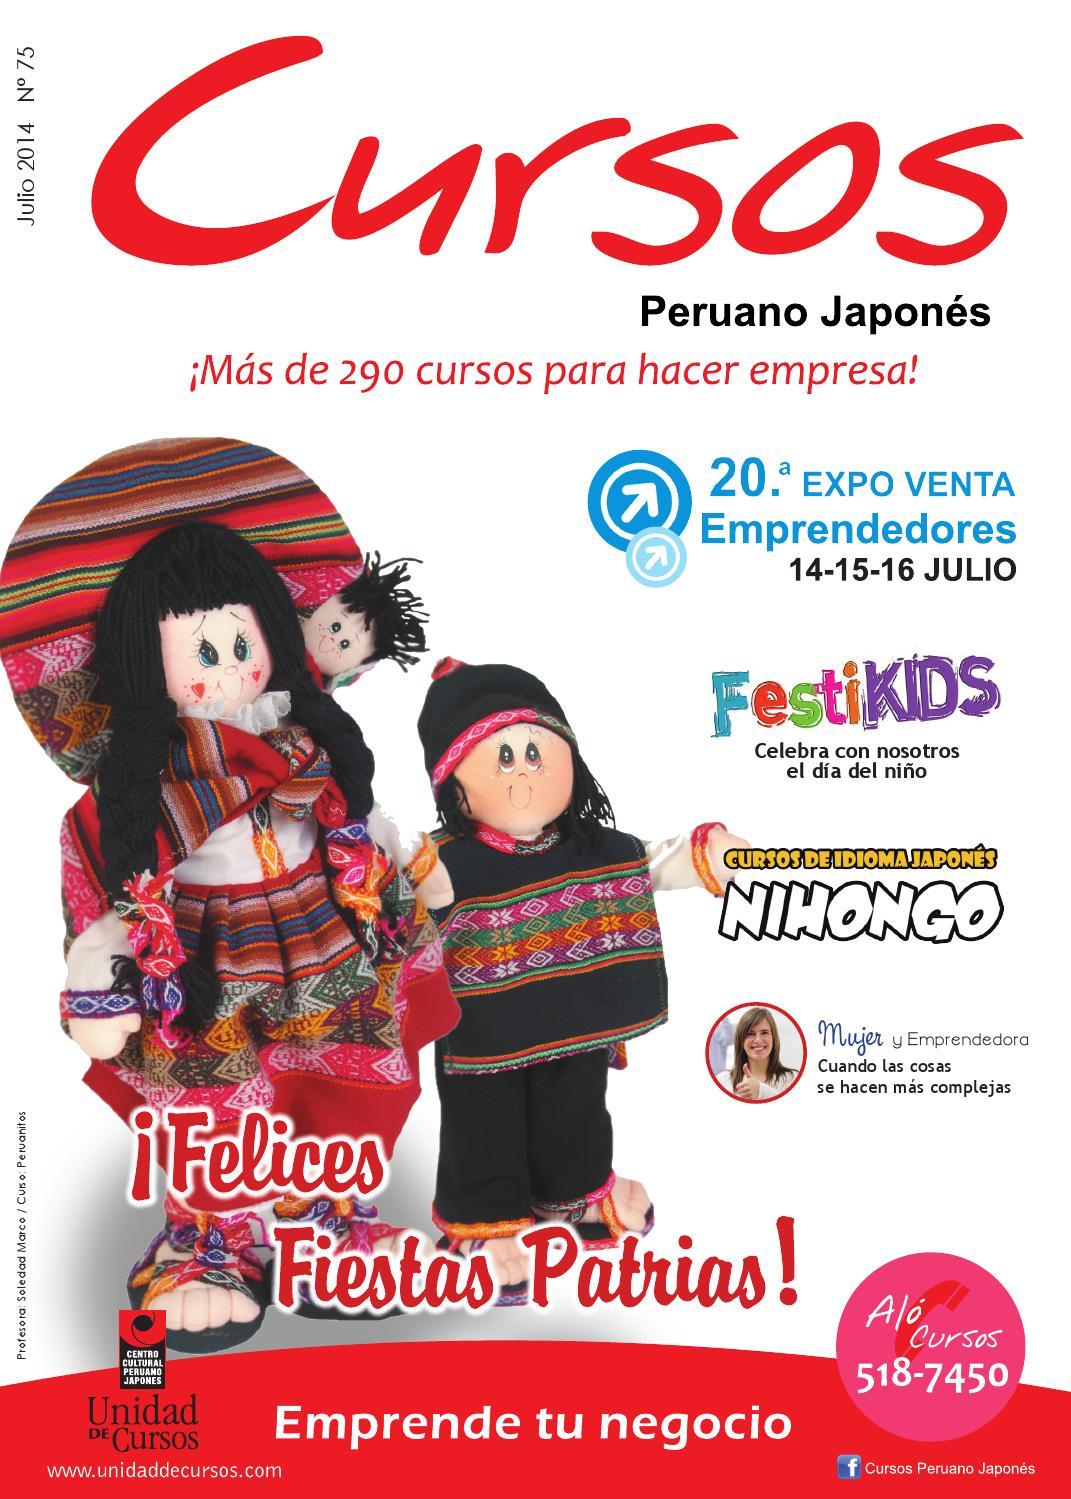 Revista Cursos Julio 14 by Unidad de Cursos - issuu